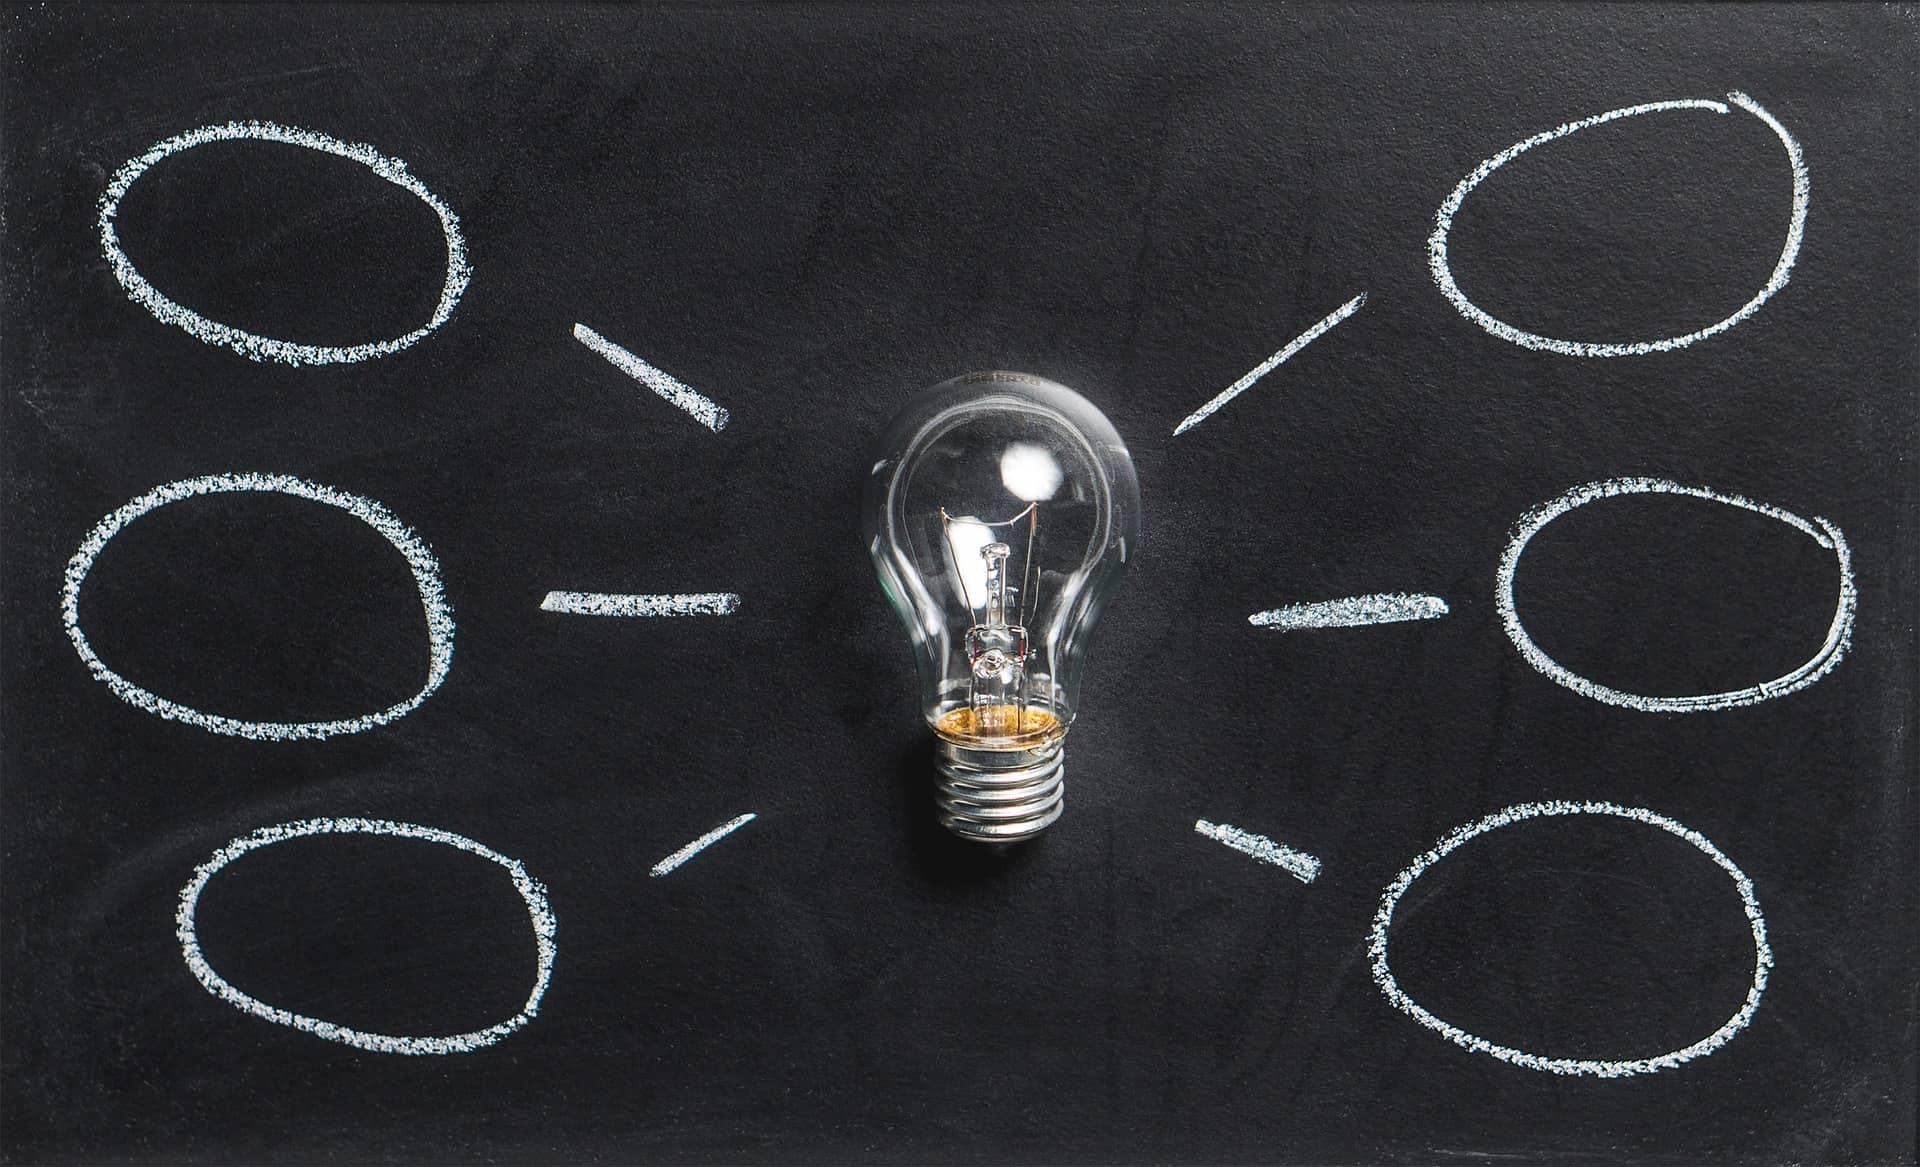 Kreativní řešení problémů – naučte se zlepšovat sebe a věci okolo